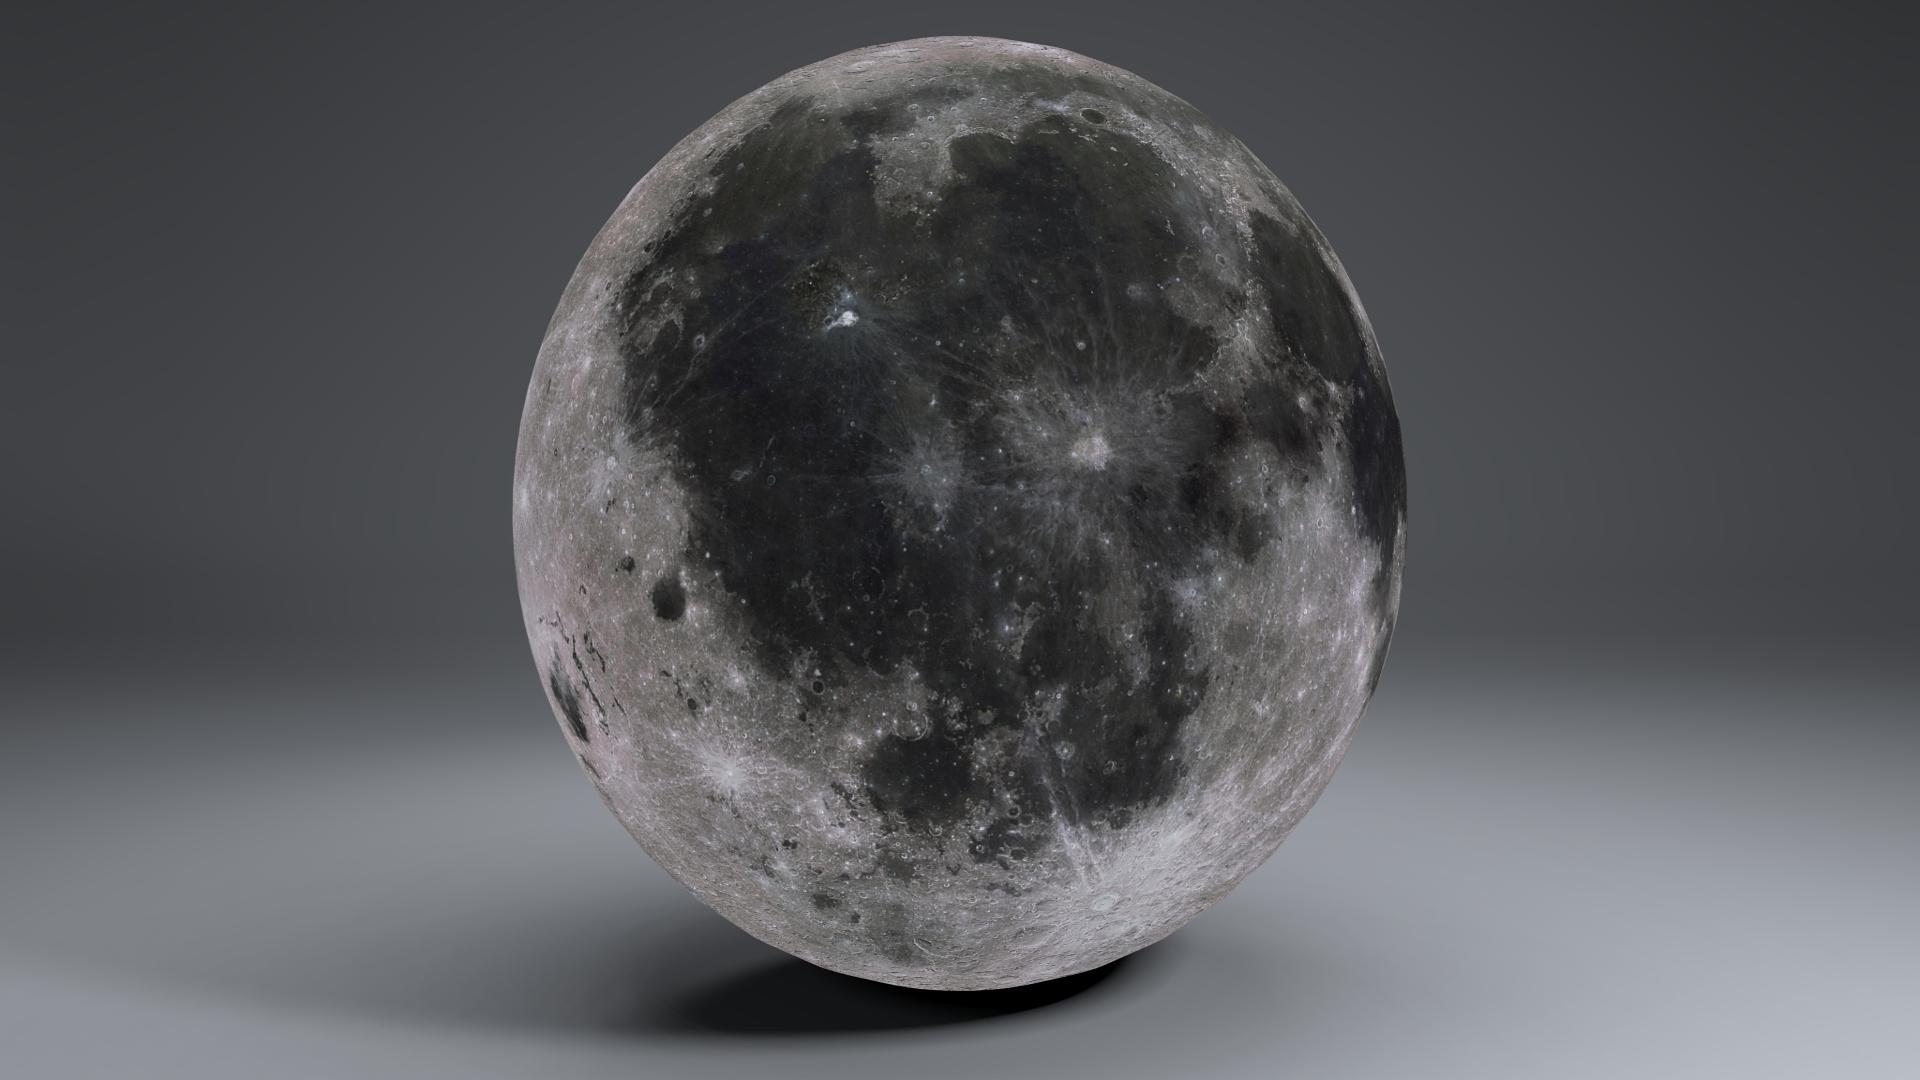 MoonGlobe 4k 3d model 3ds fbx blend dae obj 221754